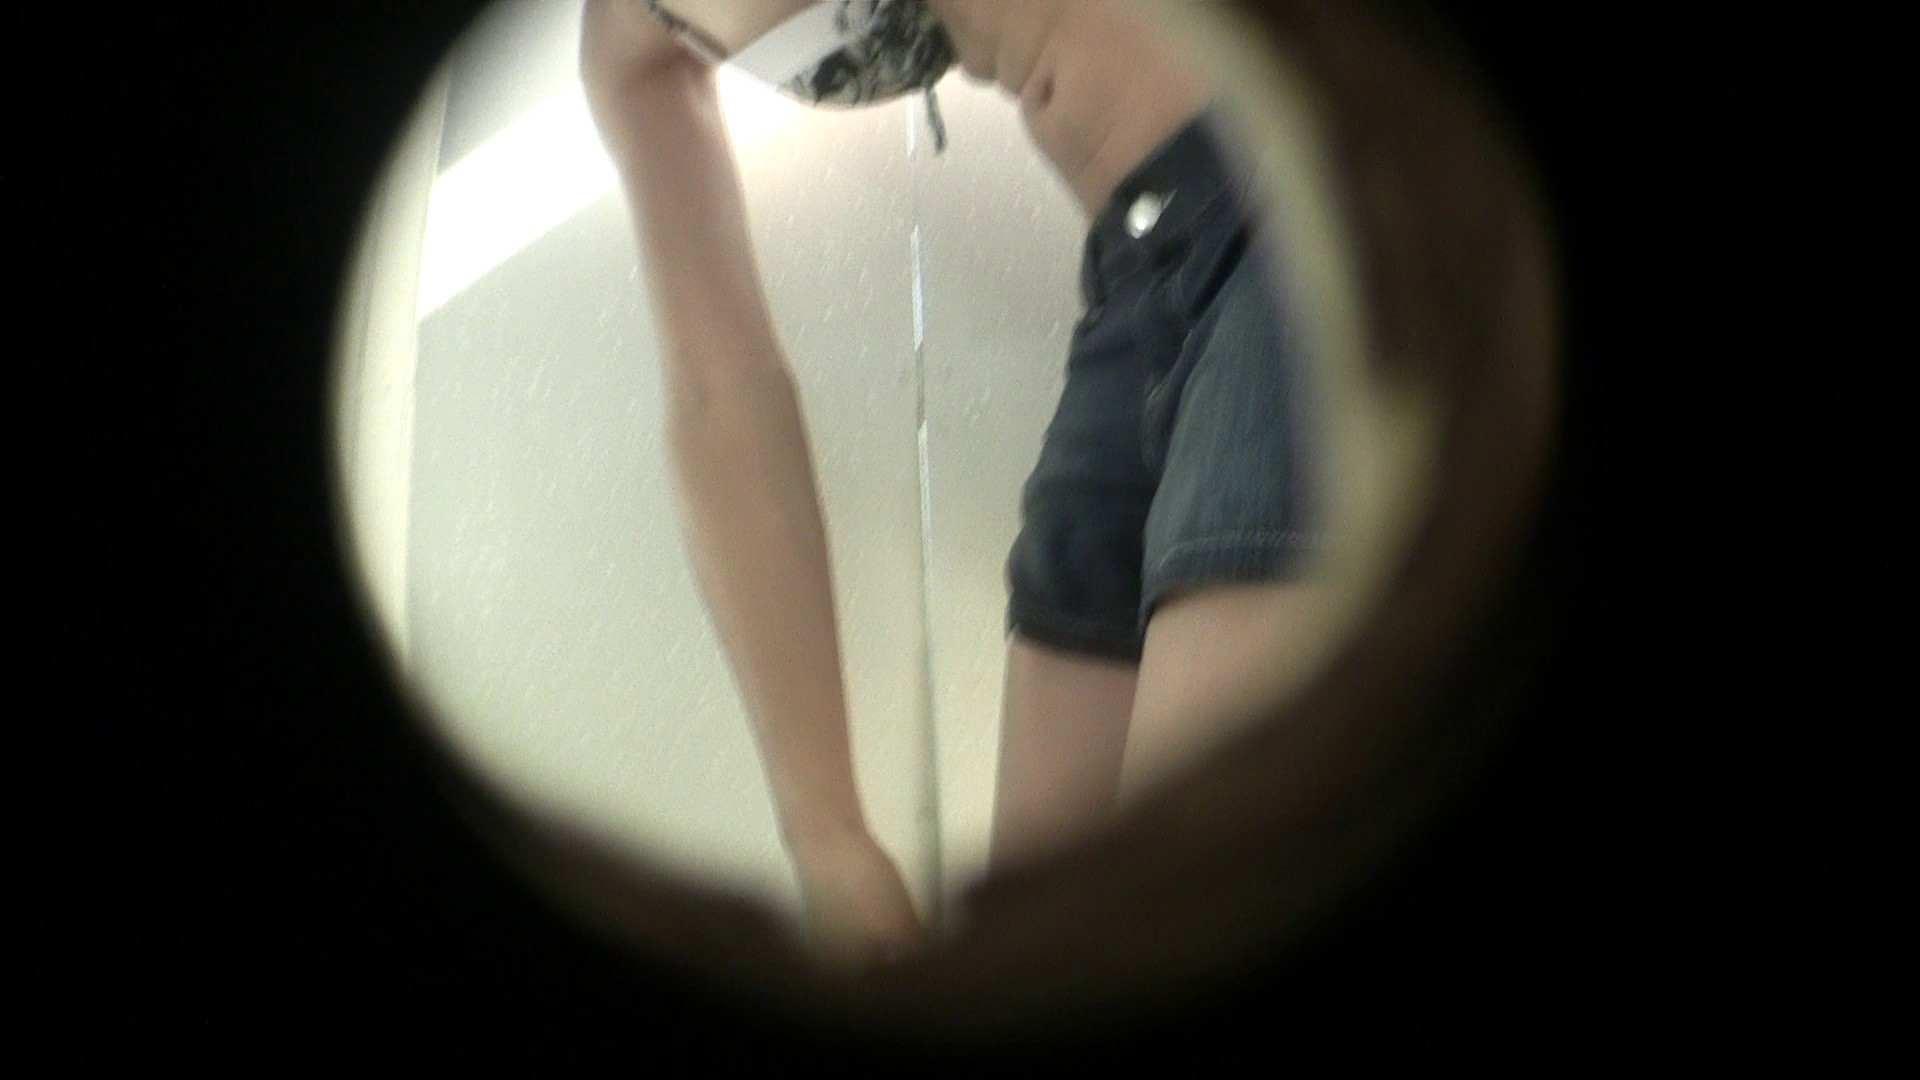 NO.12 斜めから一本道!技あり!! シャワー室 のぞき動画画像 50pic 14